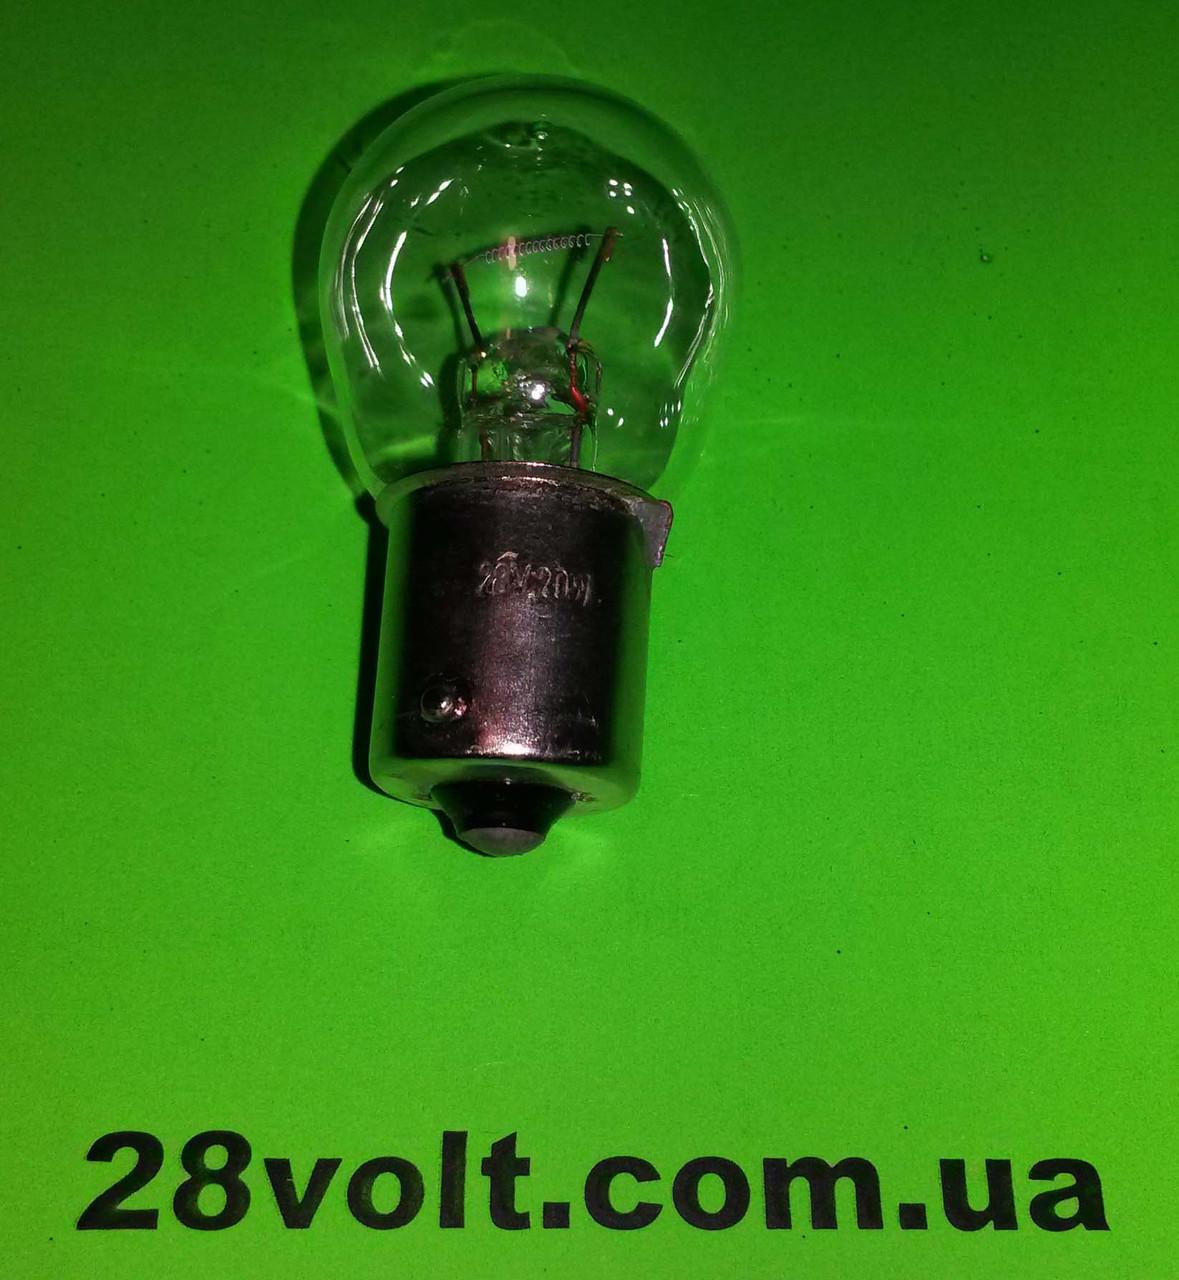 Лампа СМ 28-20 B15s